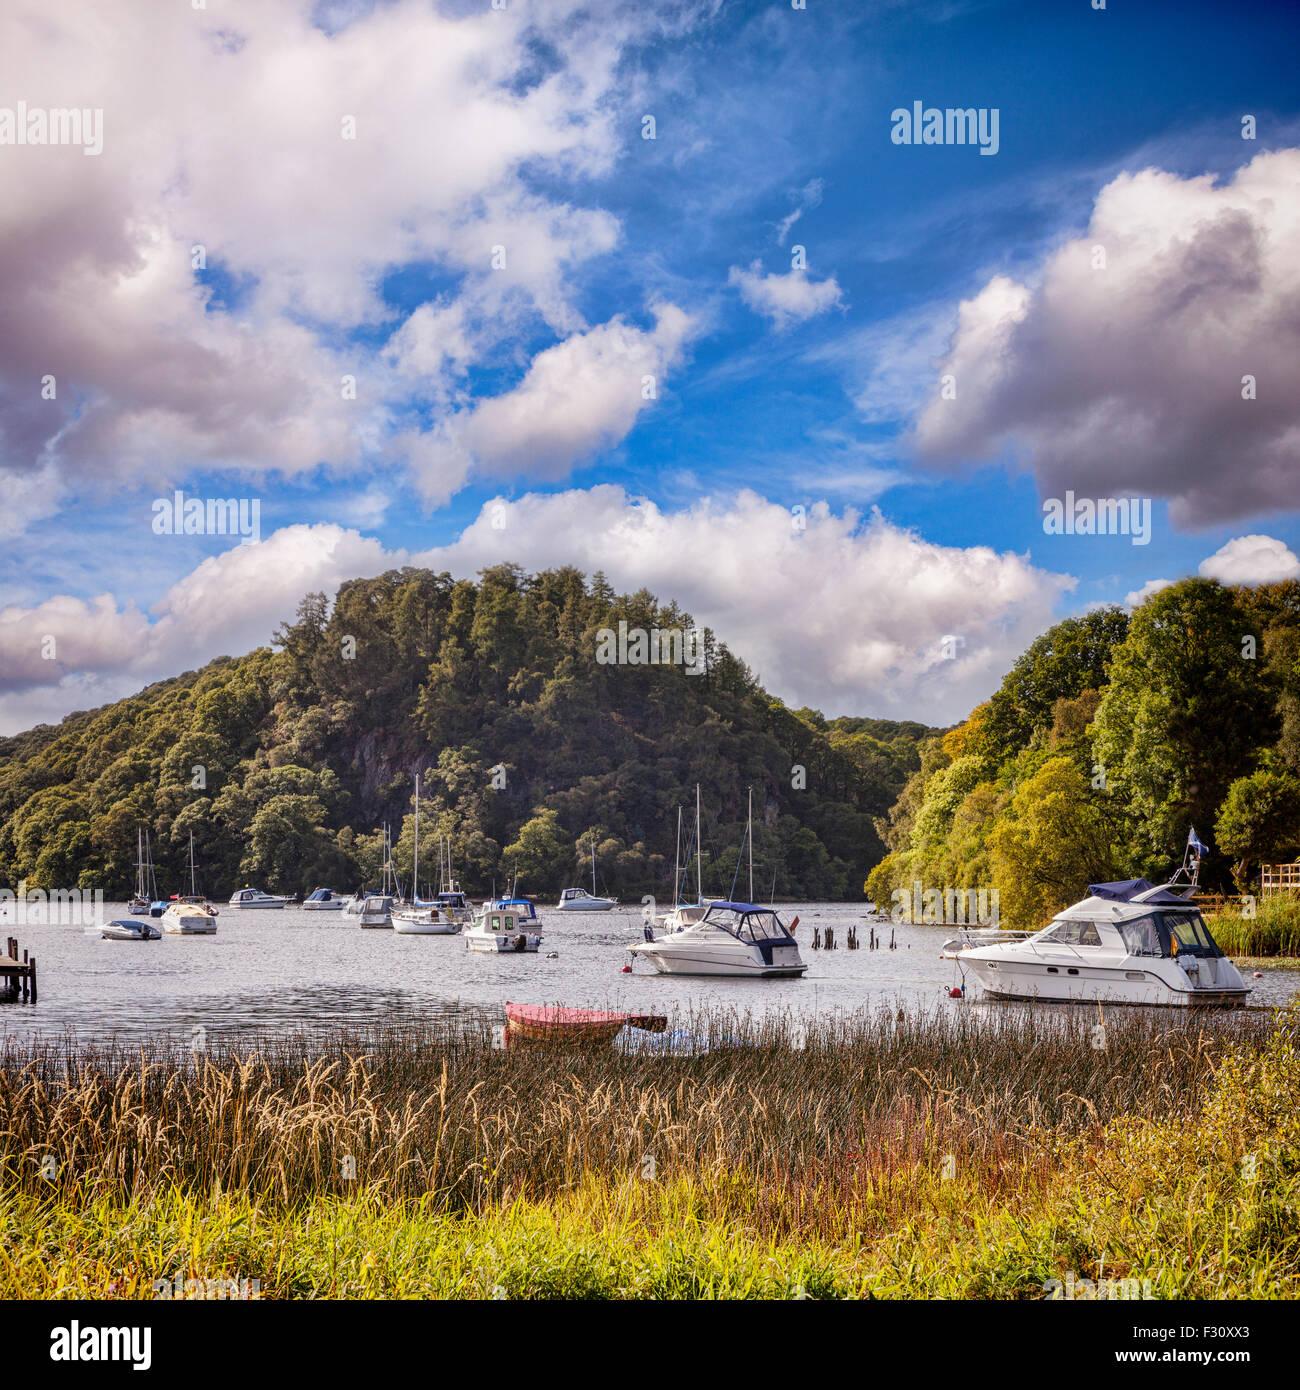 Puerto en Balmaha, Loch Lomond, Stirlingshire, Escocia, Reino Unido. Imagen De Stock